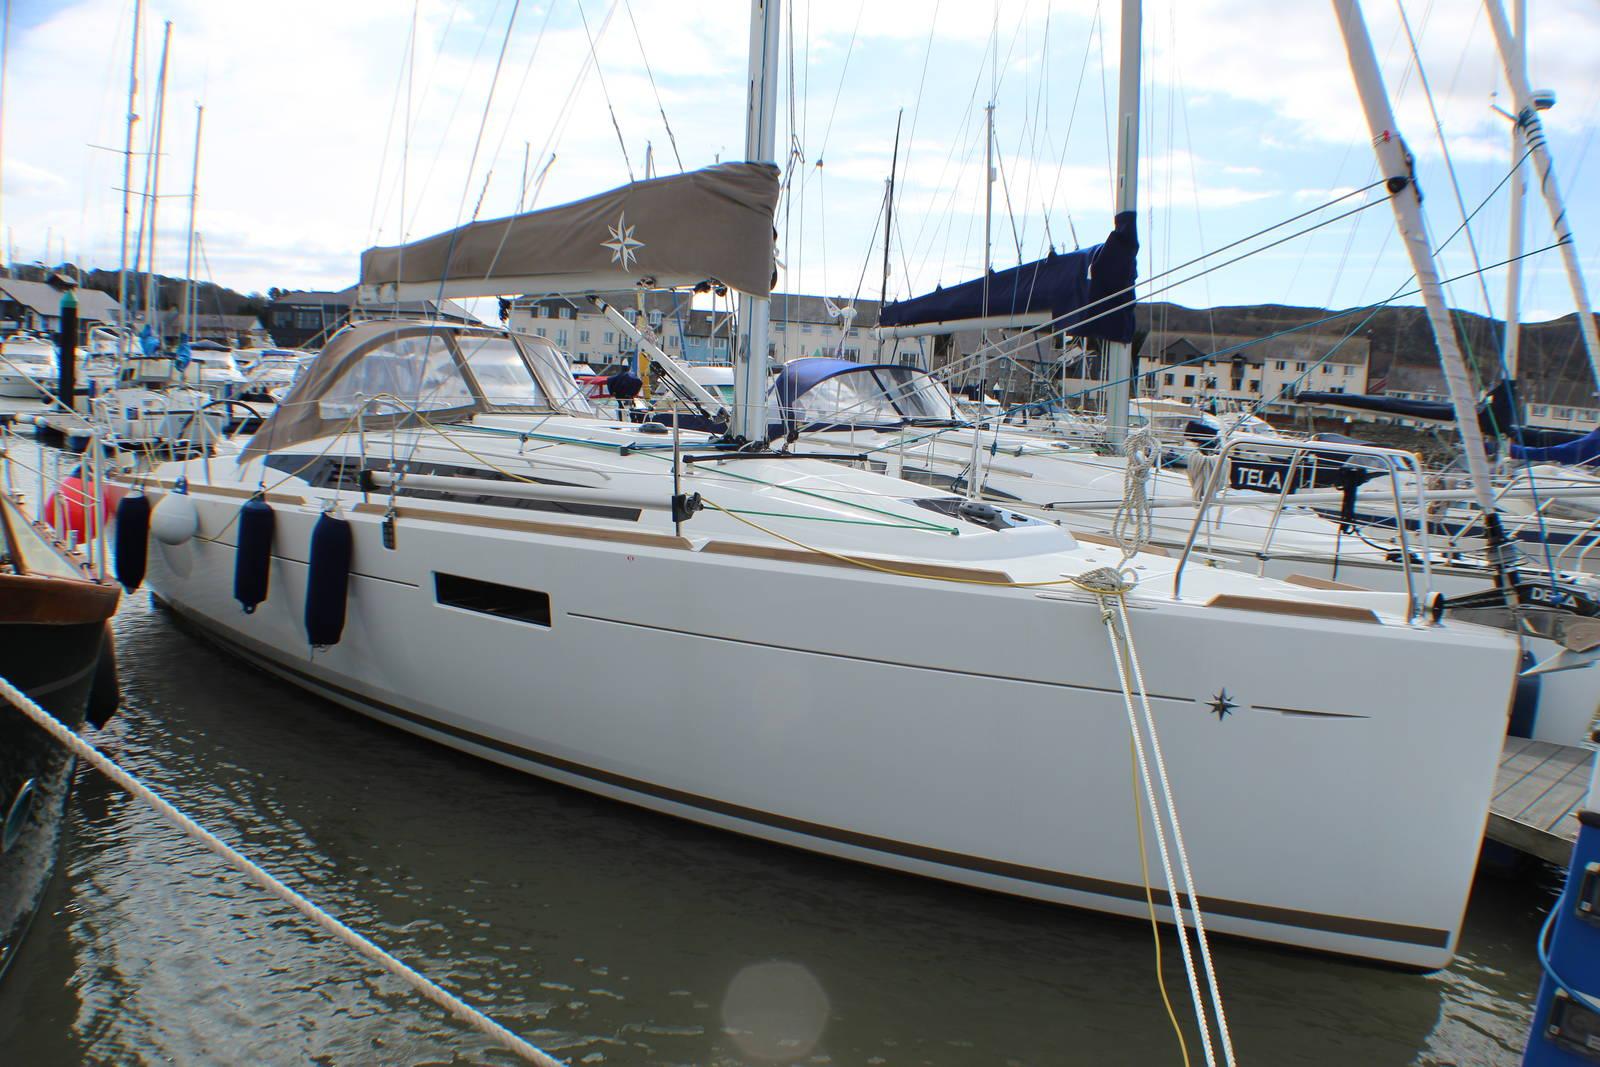 Jeanneau Sun Odyssey 349 Swing Keel 2016 Cruising Yacht For Sale In